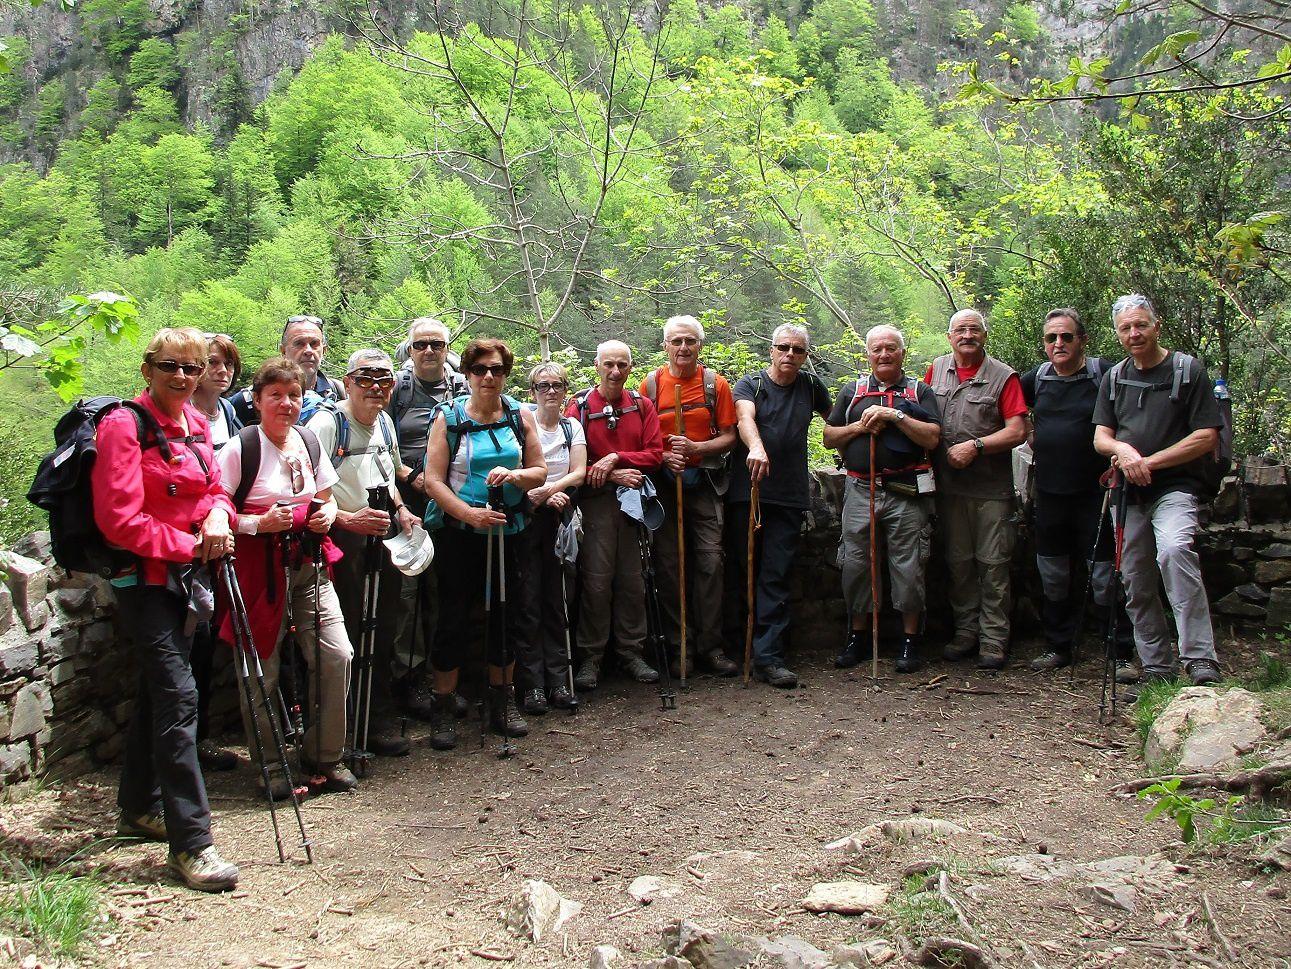 9 mai 2017 - La Riparéta Canyon d'Anisclo (Esp)